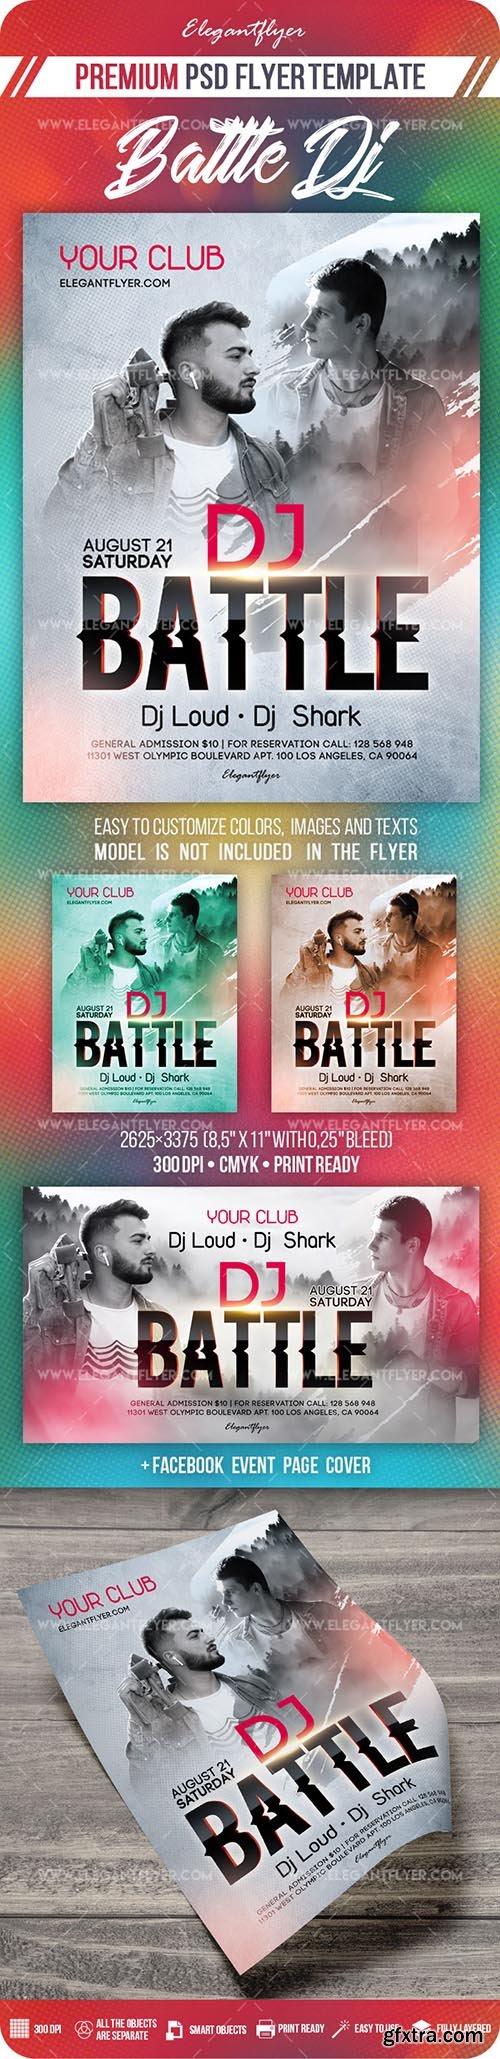 Battle Dj – Flyer PSD Template